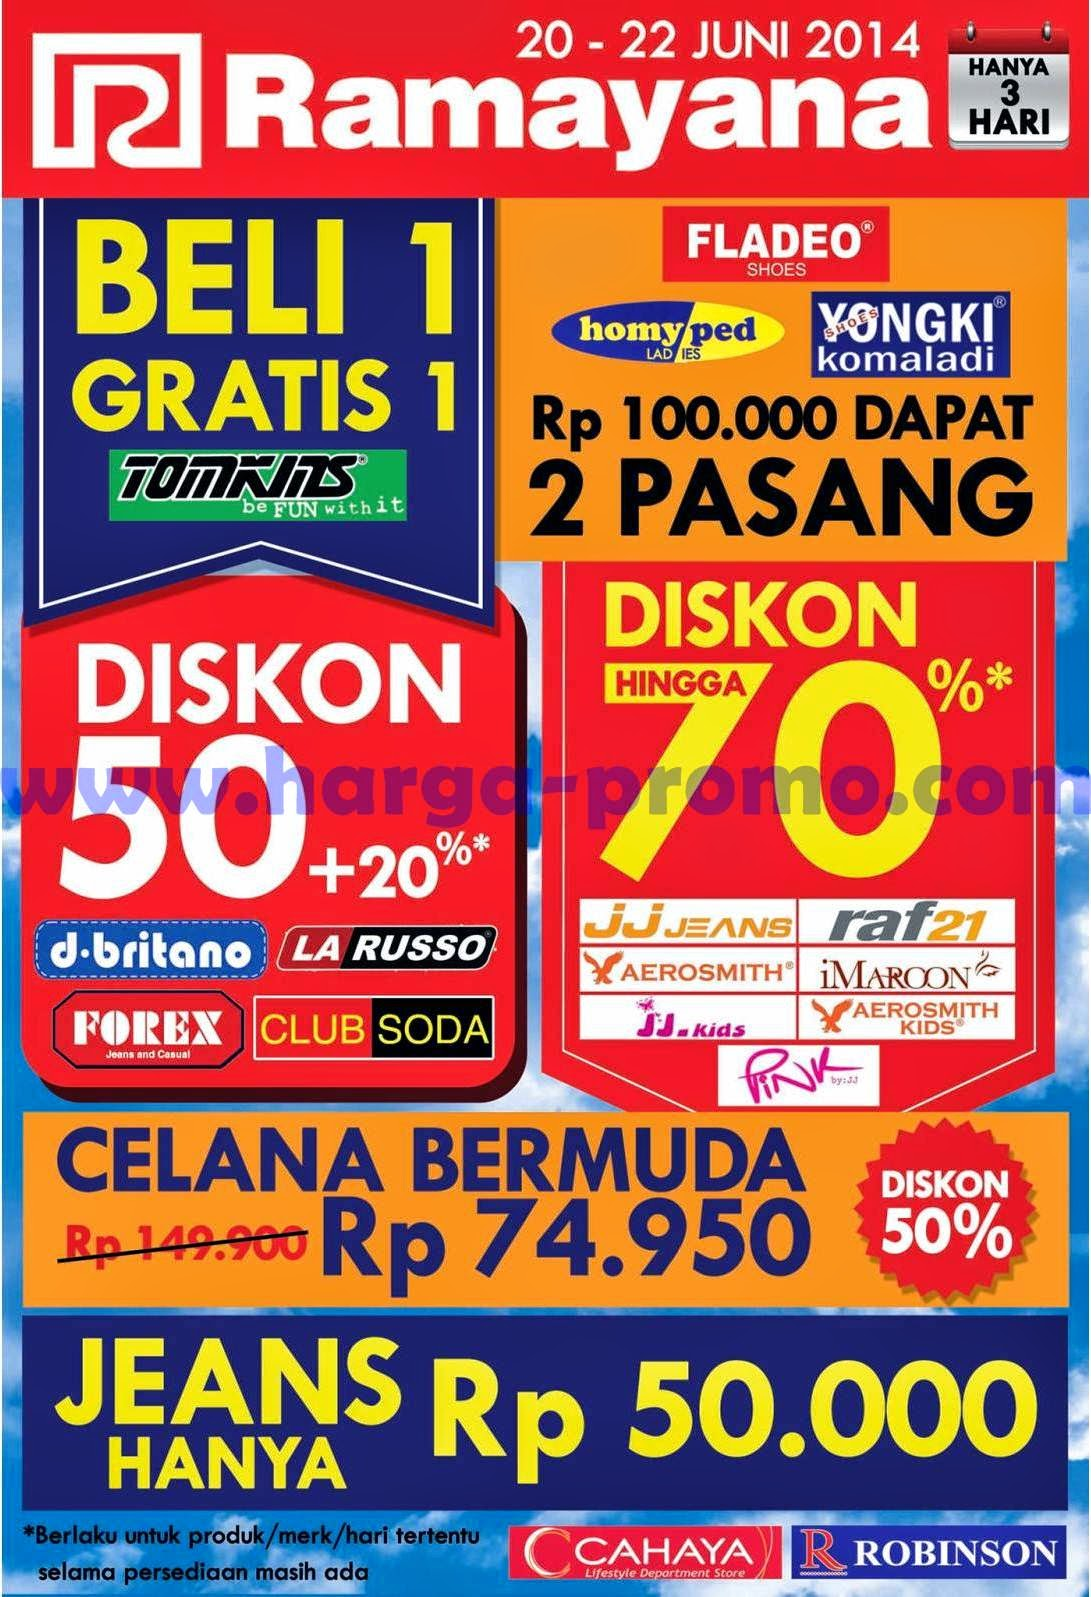 Promo RAMAYANA Department Store Akhir Pekan Periode 20 - 22 Juni 2014 ~  promosi katalog 7b6265da4b